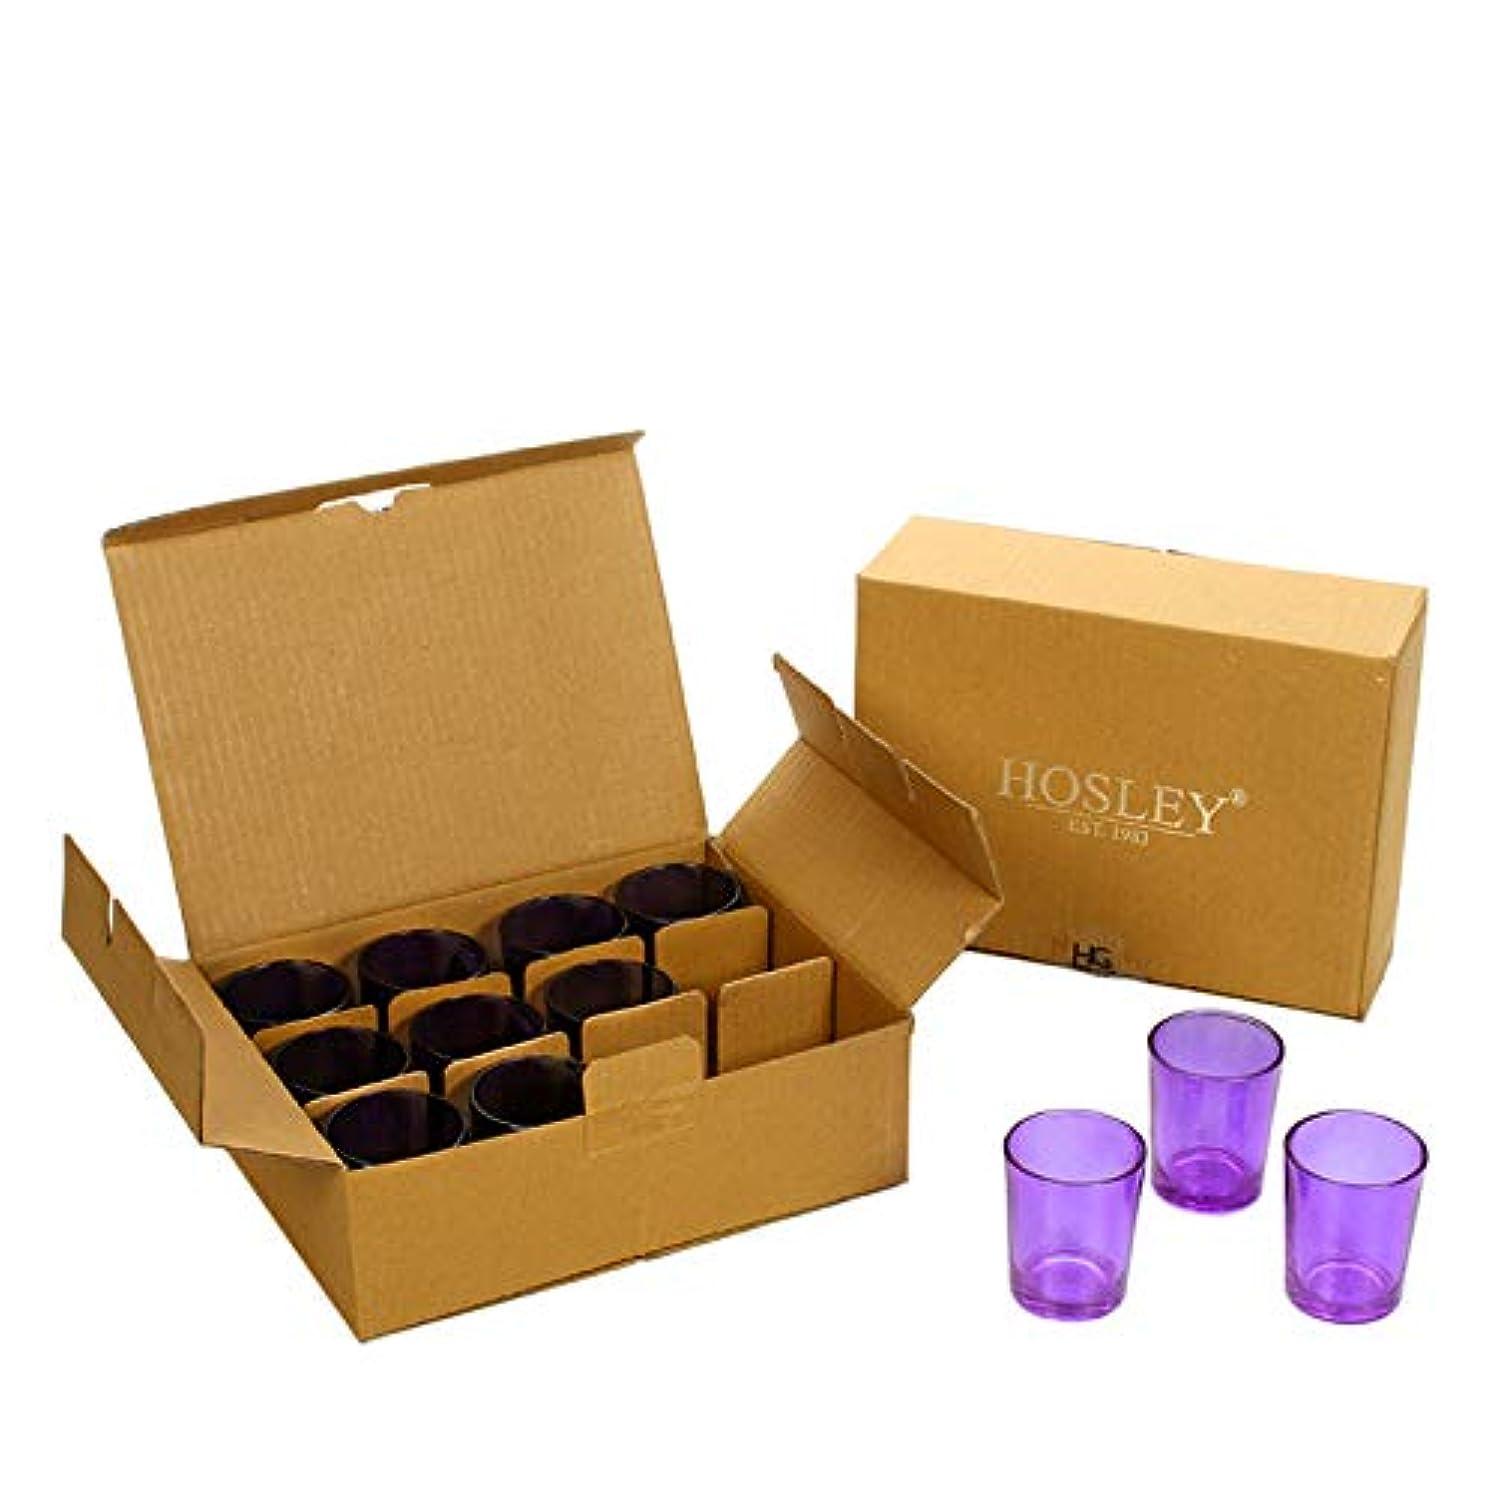 強打貸し手養うHosley's Set of 24 Purple Glass Votive/Tea Light Holders. Ideal for Weddings, Parties, Spa & Aromatherapy, Votive Candle Gardens. Use with Hosley Tea Lights, Bulk Buy